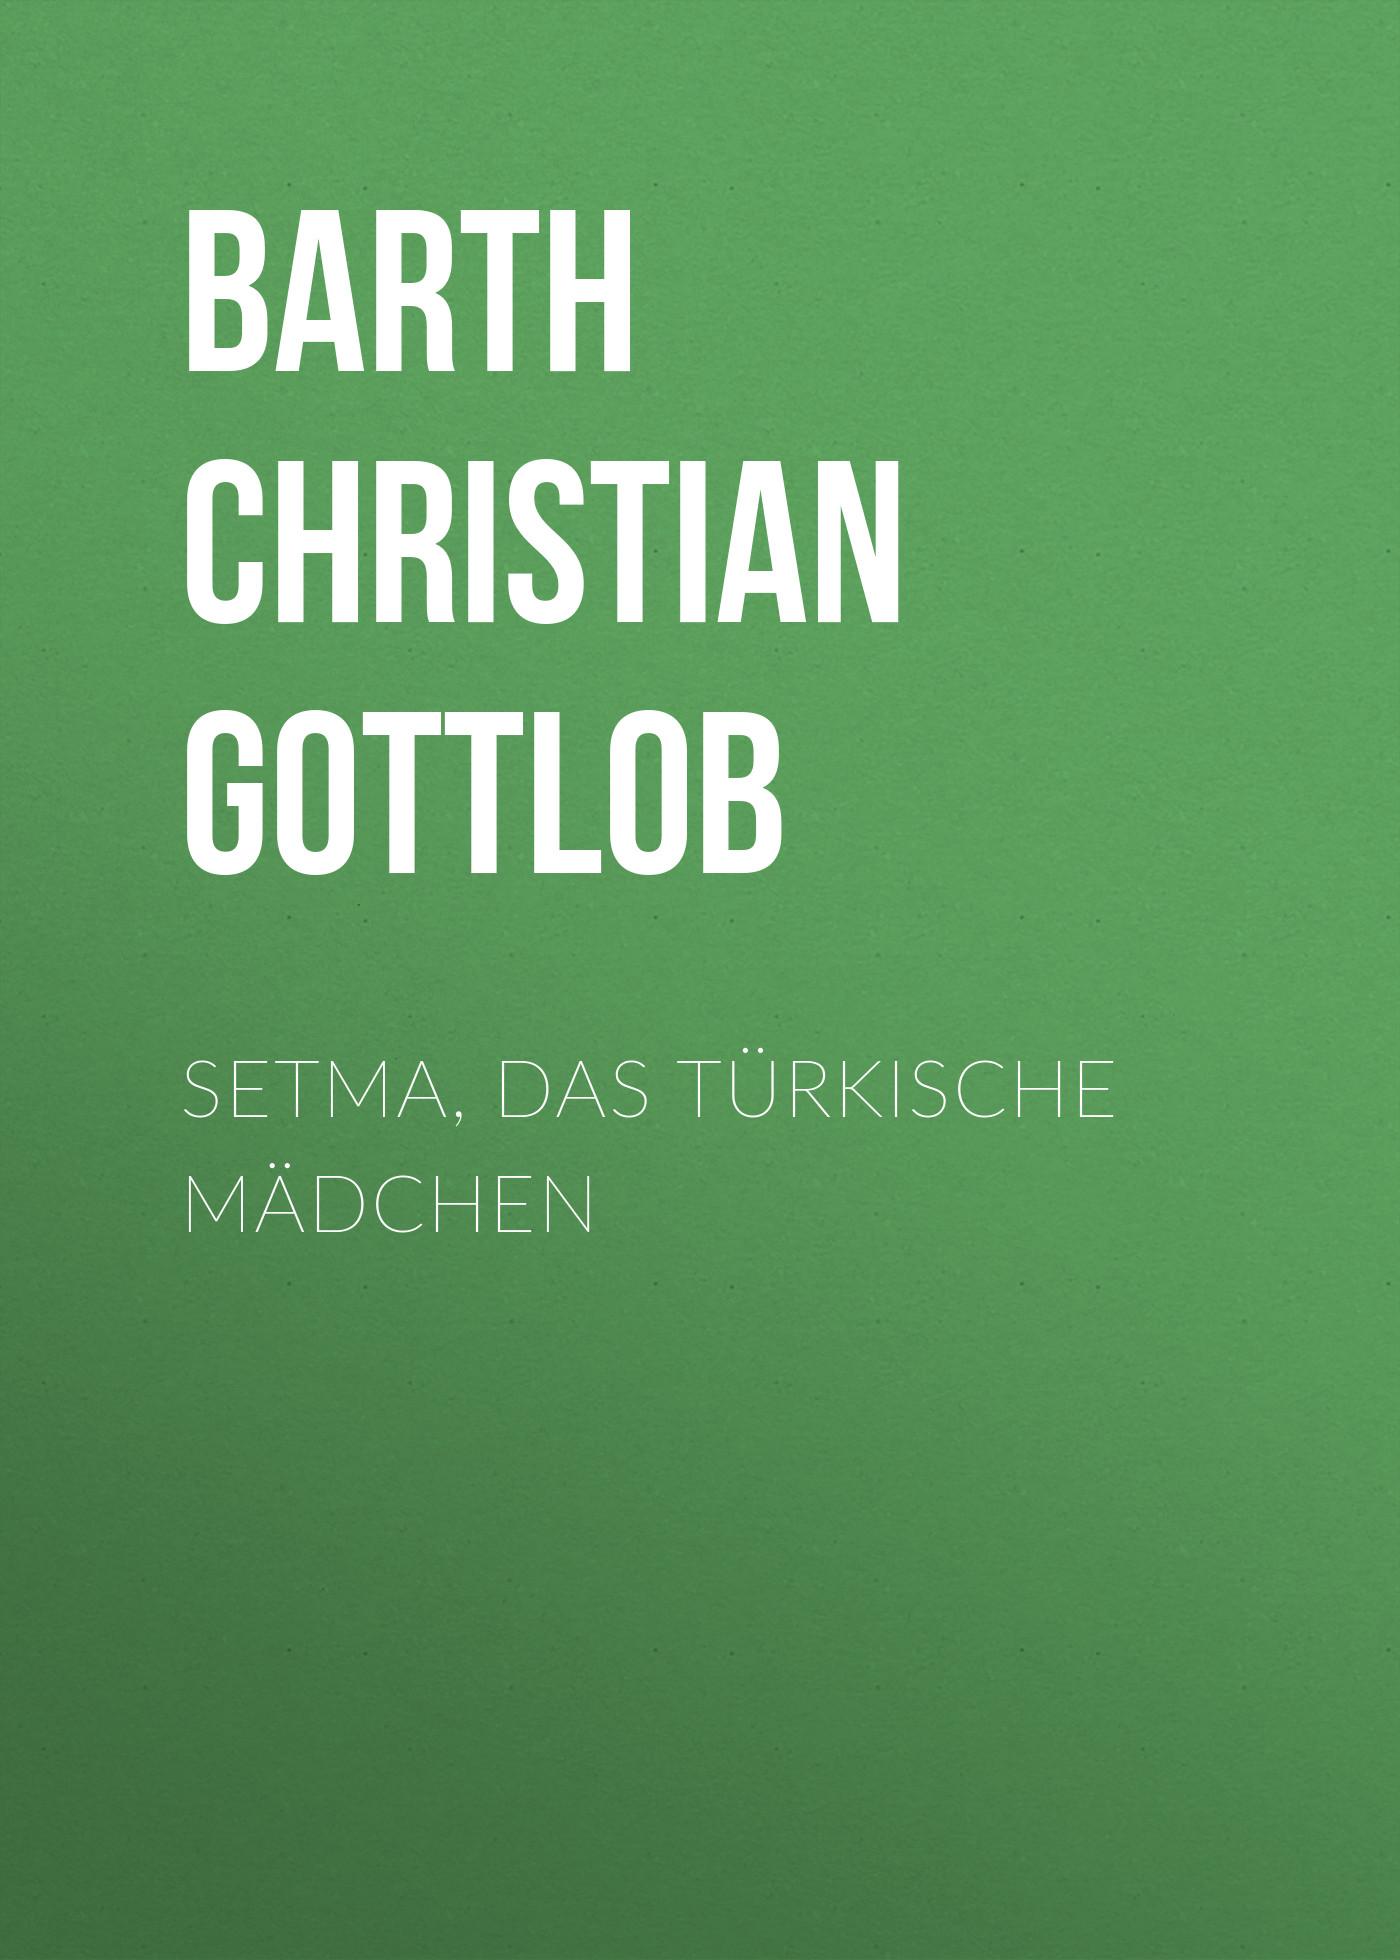 лучшая цена Barth Christian Gottlob Setma, das türkische Mädchen